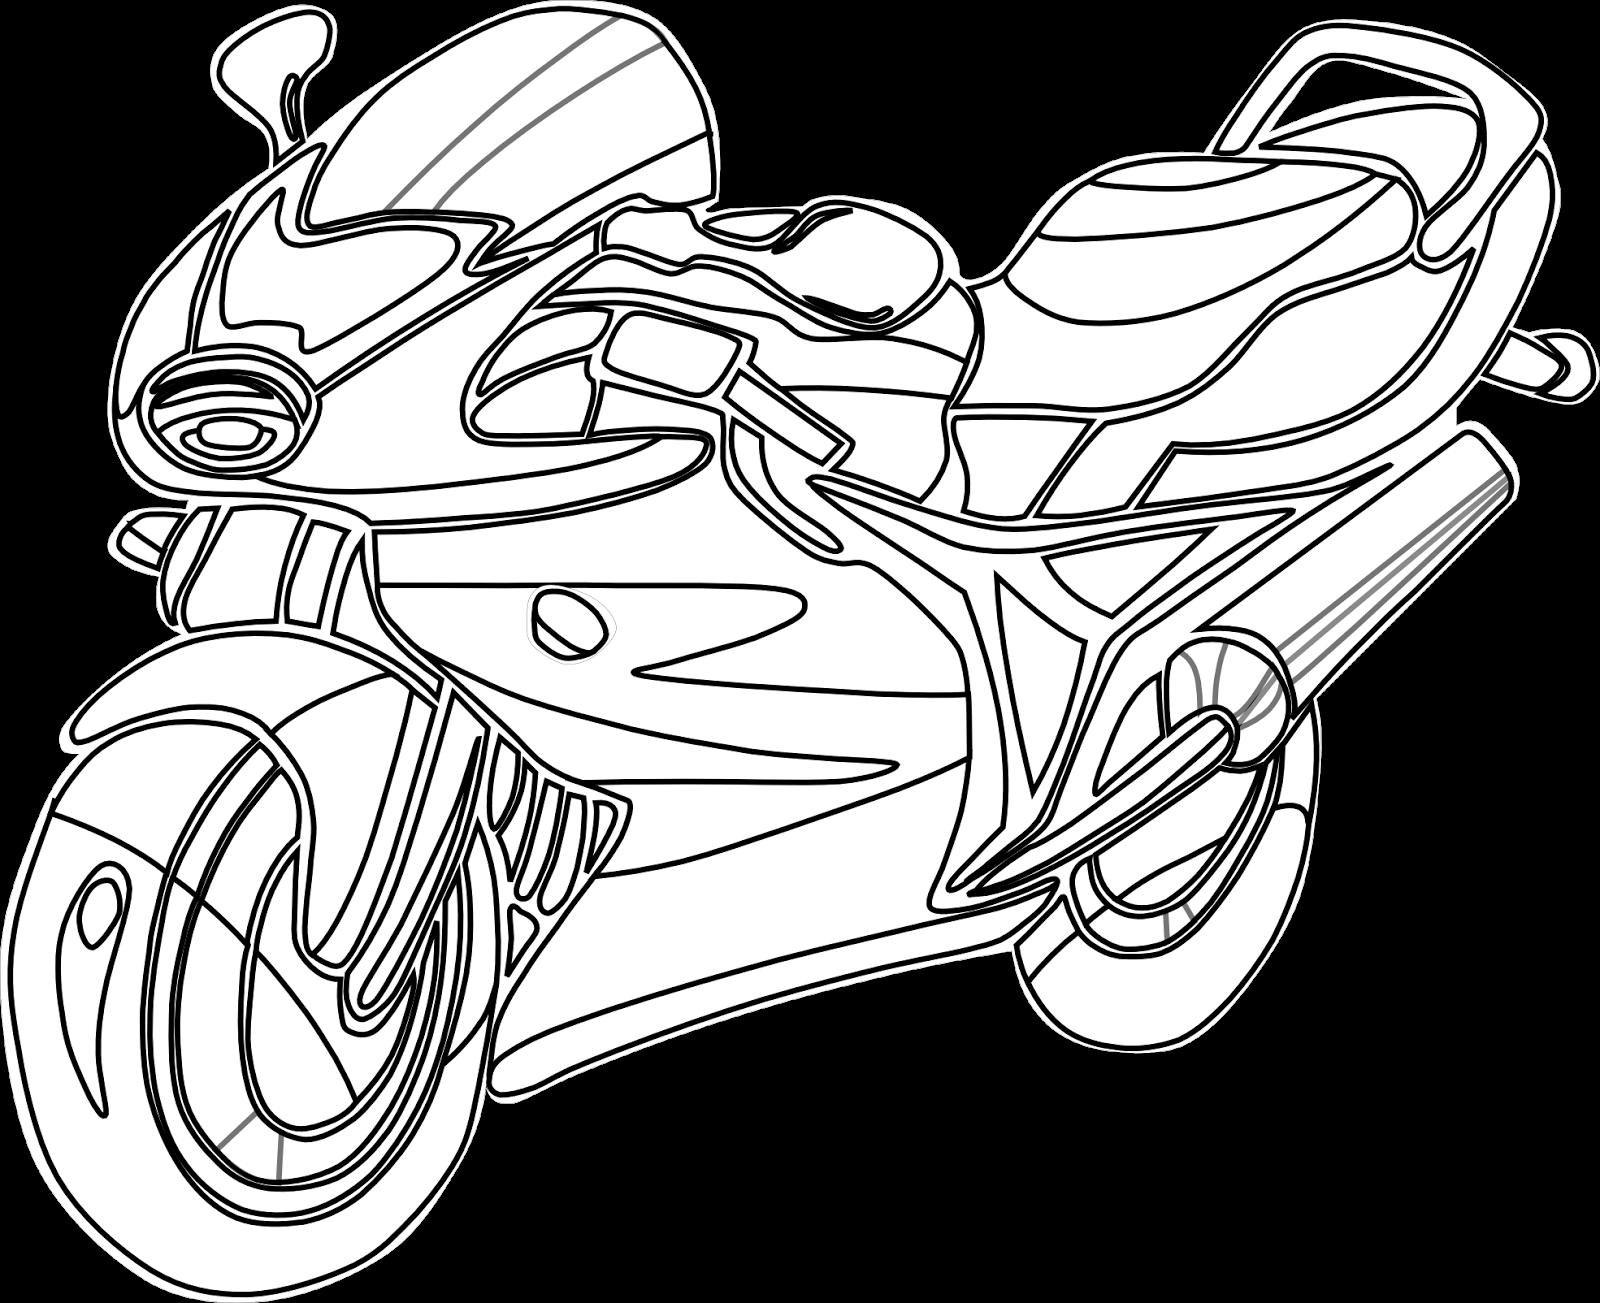 Los dibujos para colorear : Dibujos de motocicletas para colorear ...